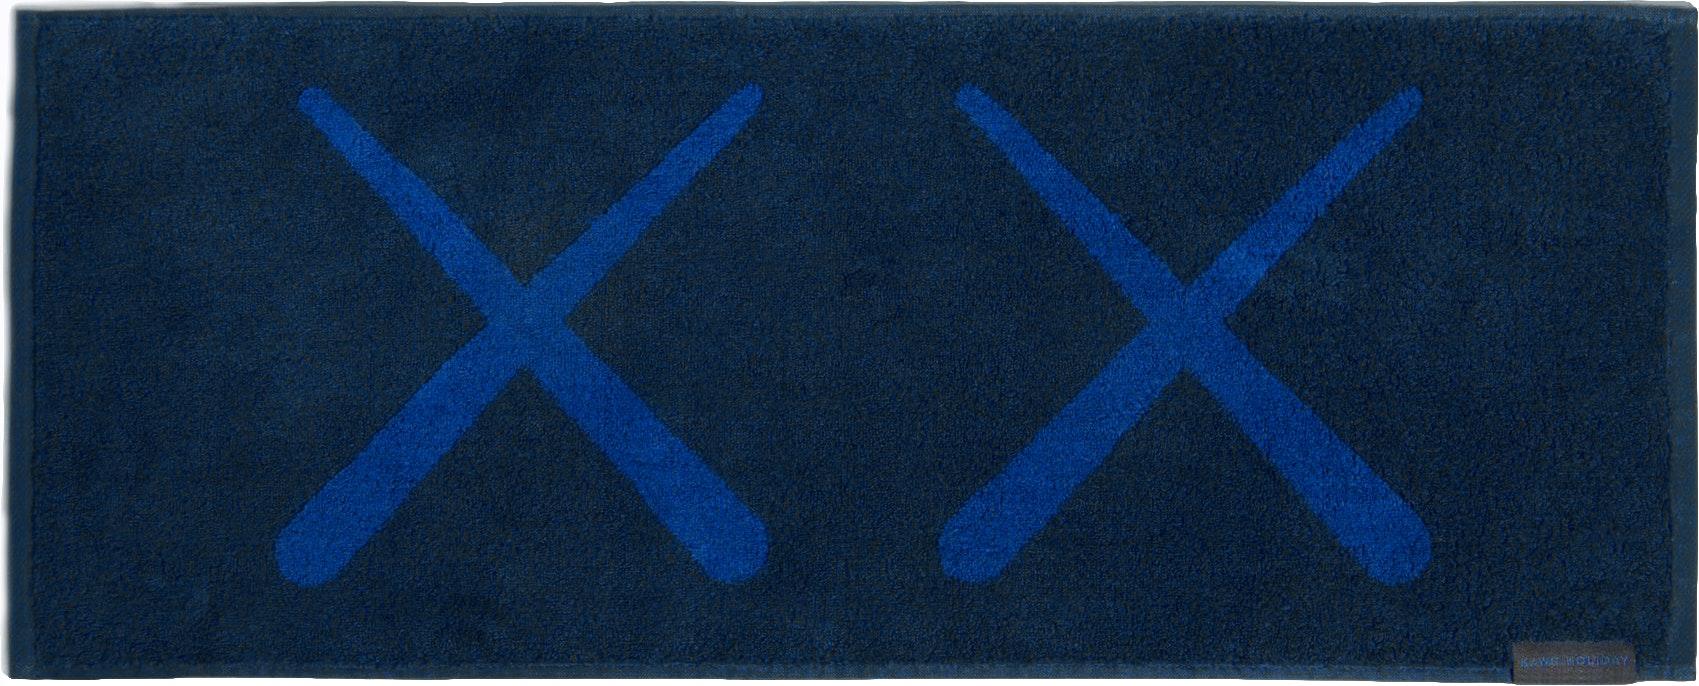 Kaws Holiday Towel Navy